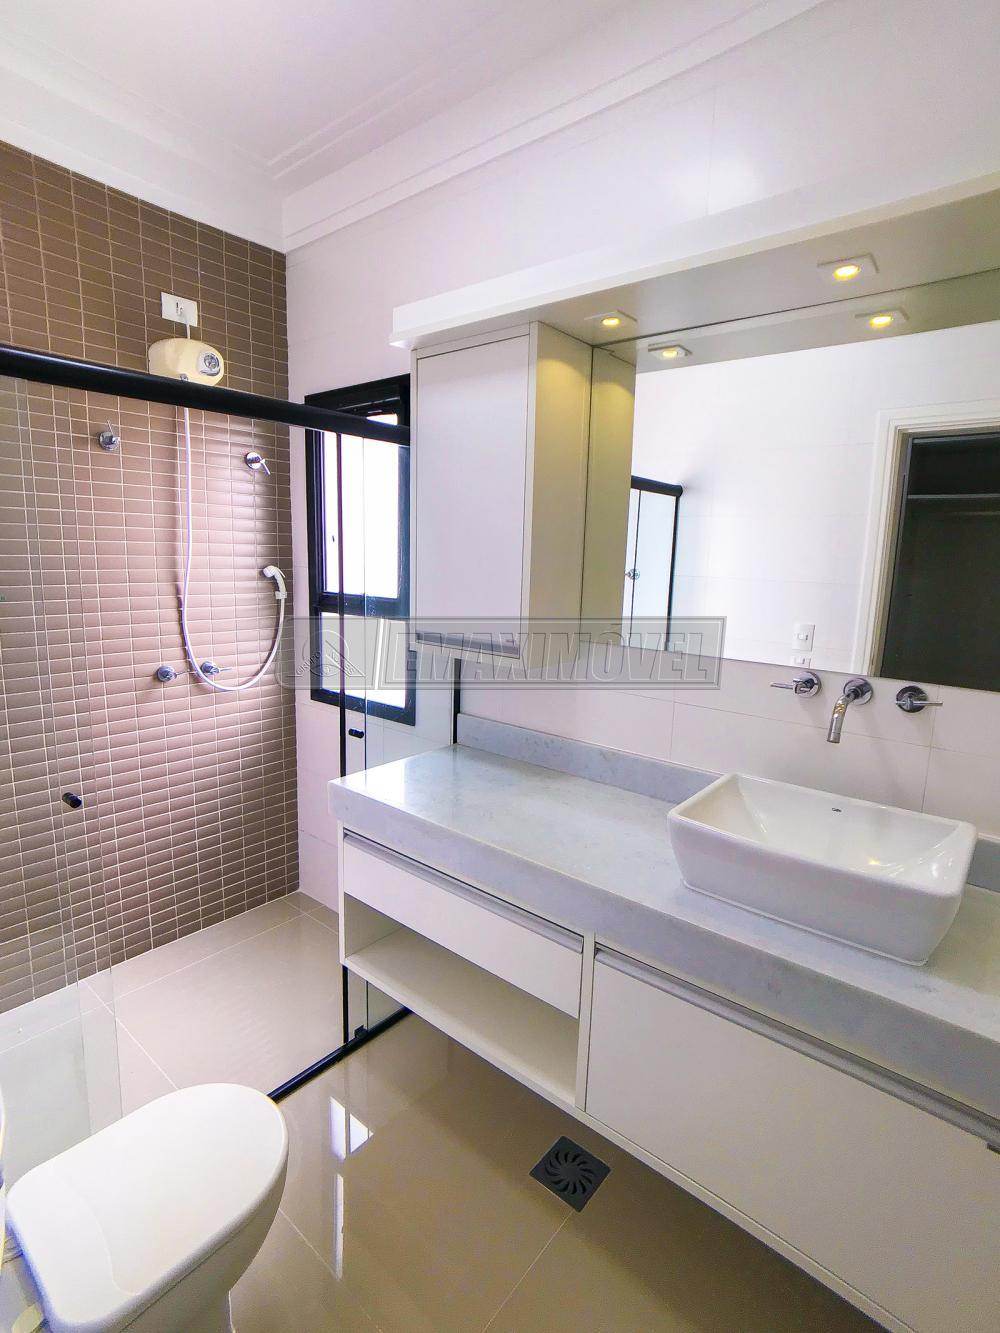 Comprar Casas / em Condomínios em Votorantim apenas R$ 850.000,00 - Foto 9